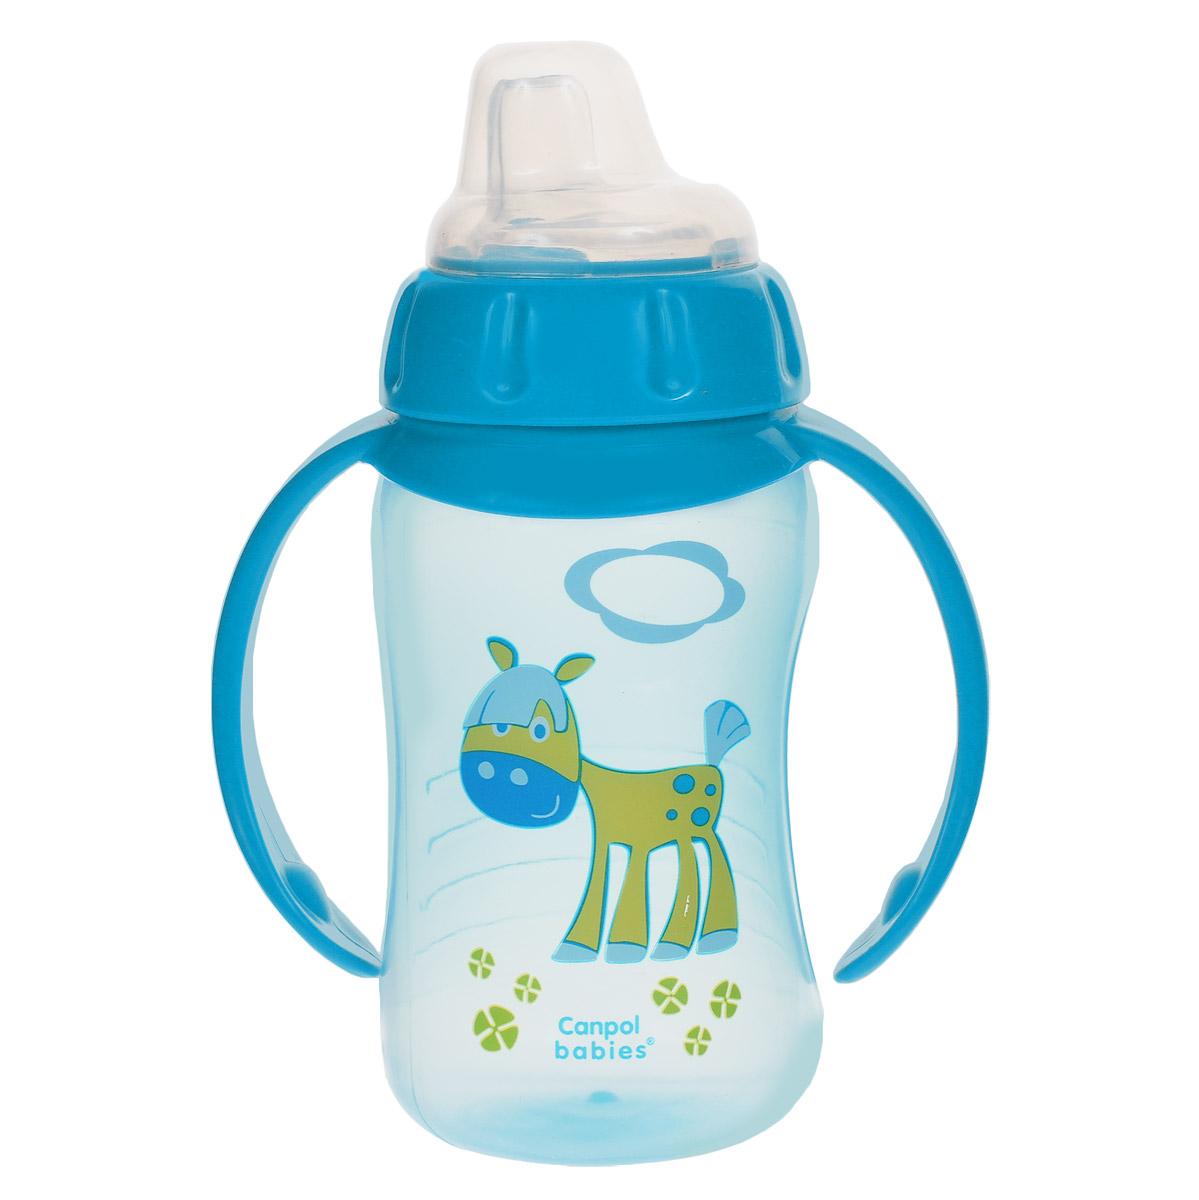 Canpol Babies Поильник с силиконовым носиком от 6 месяцев цвет синий 320 мл canpol поильник спортивный с трубочкой